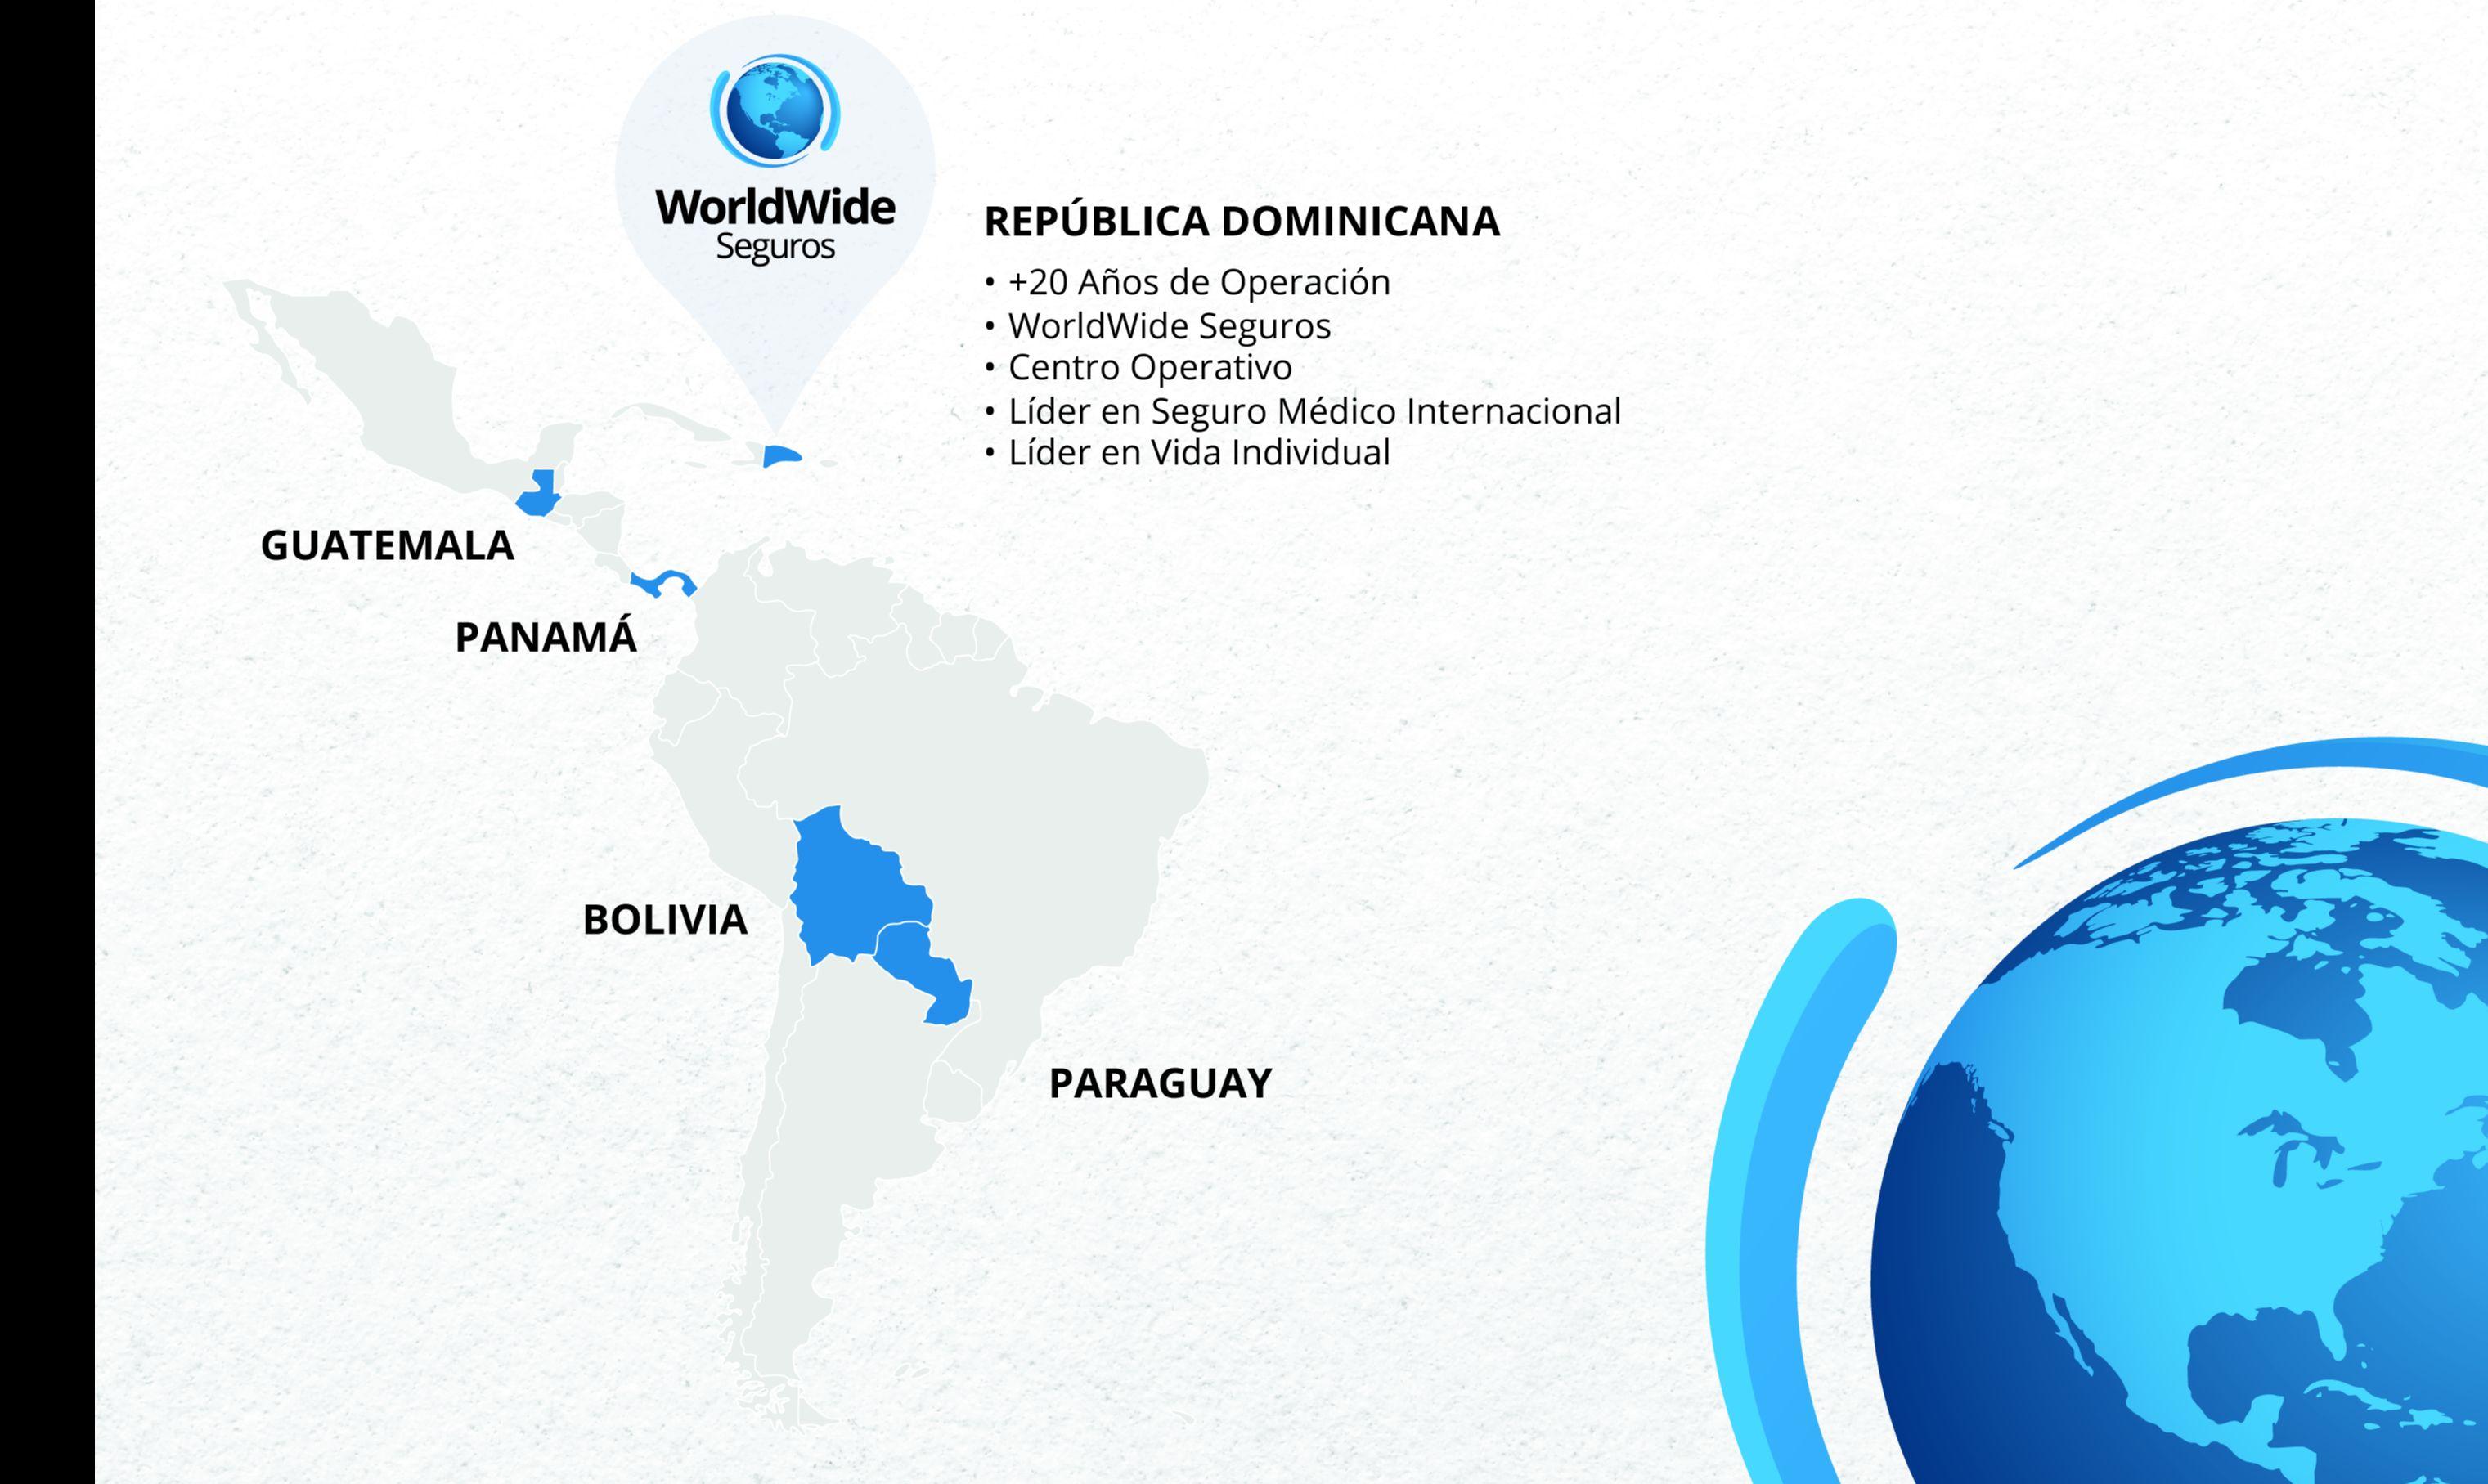 WorldWide Group acelera su expansión en la región tras ratificar crecimiento durante el 2020